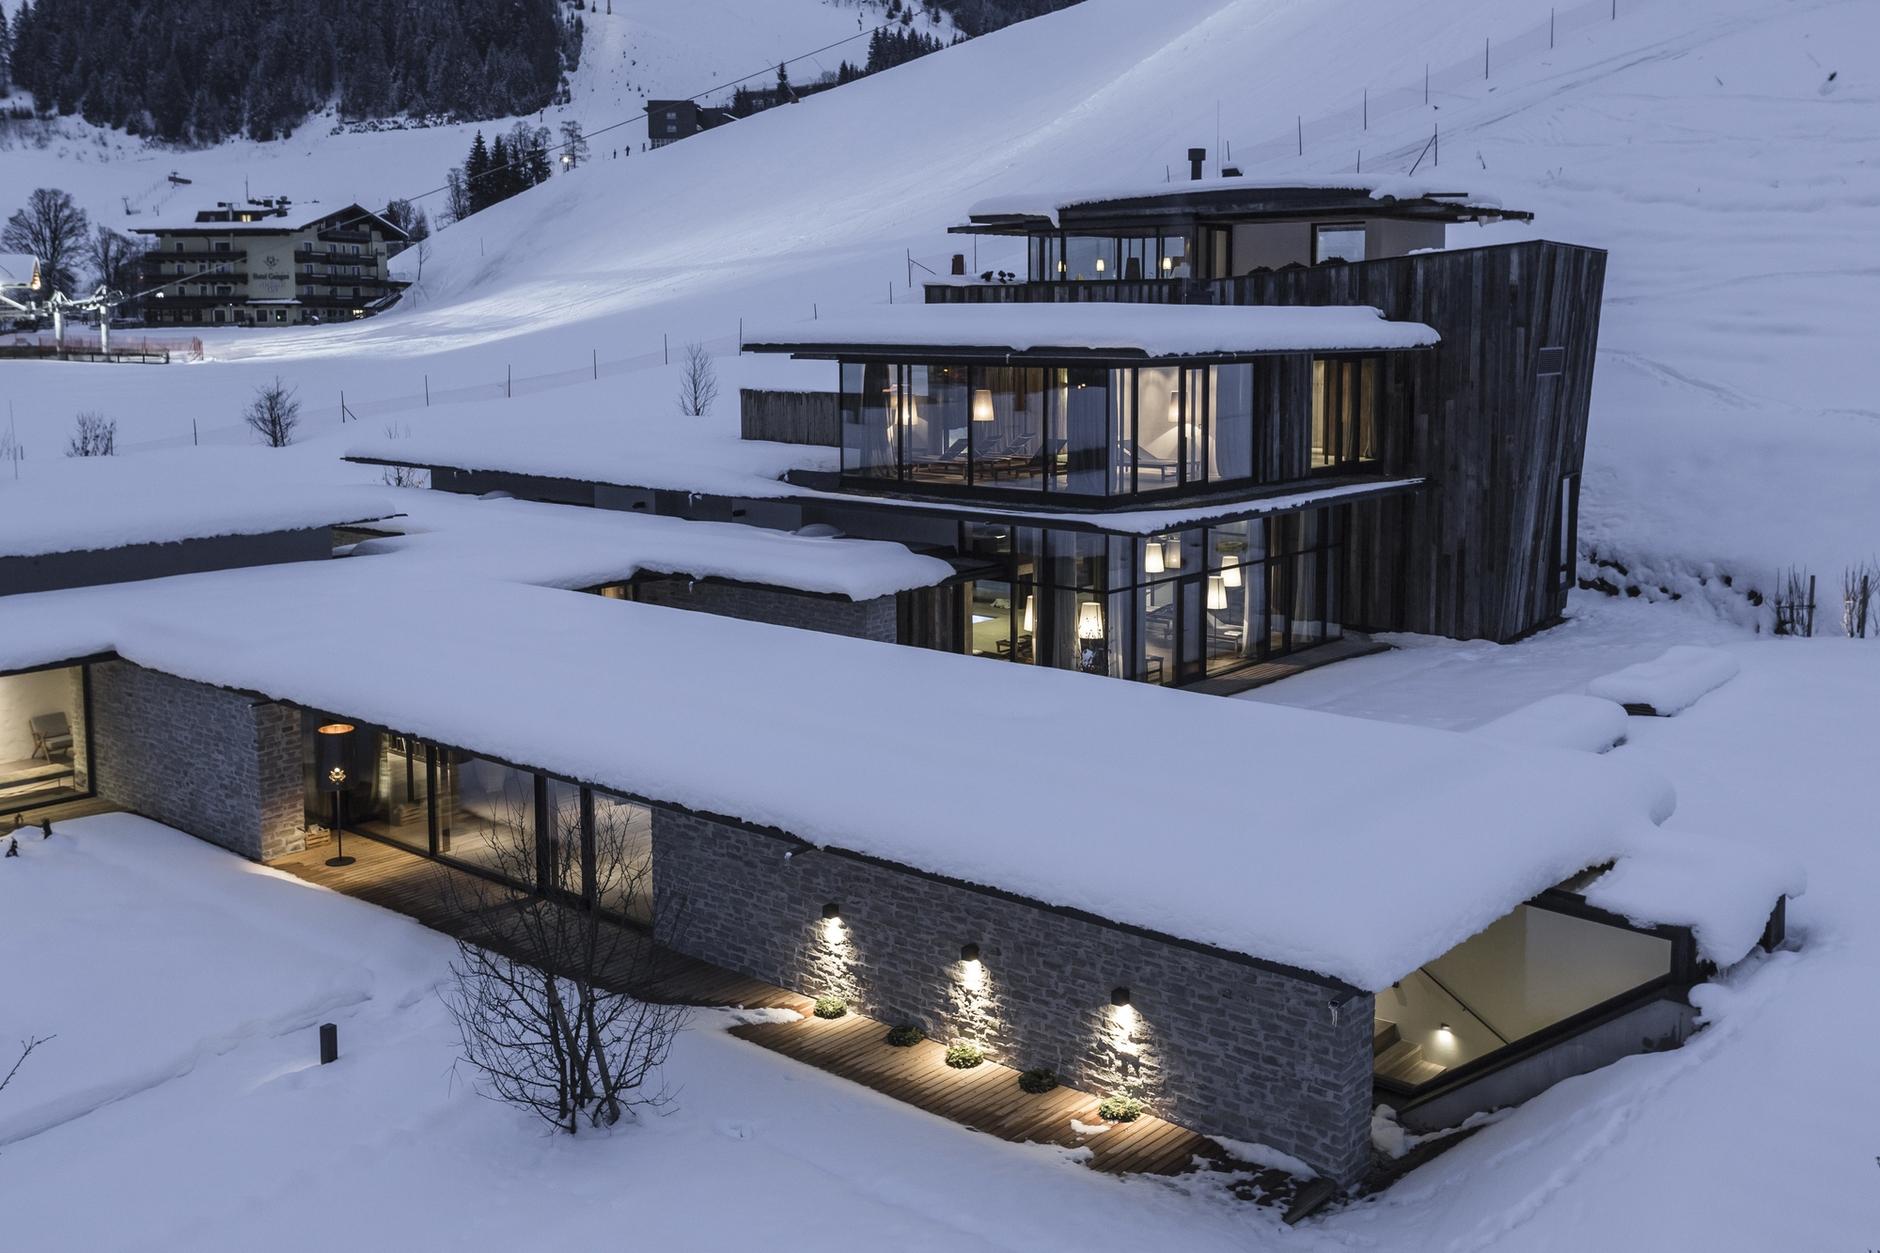 Hotel wiesergut by gogl architekten karmatrendz for Designhotel innsbruck